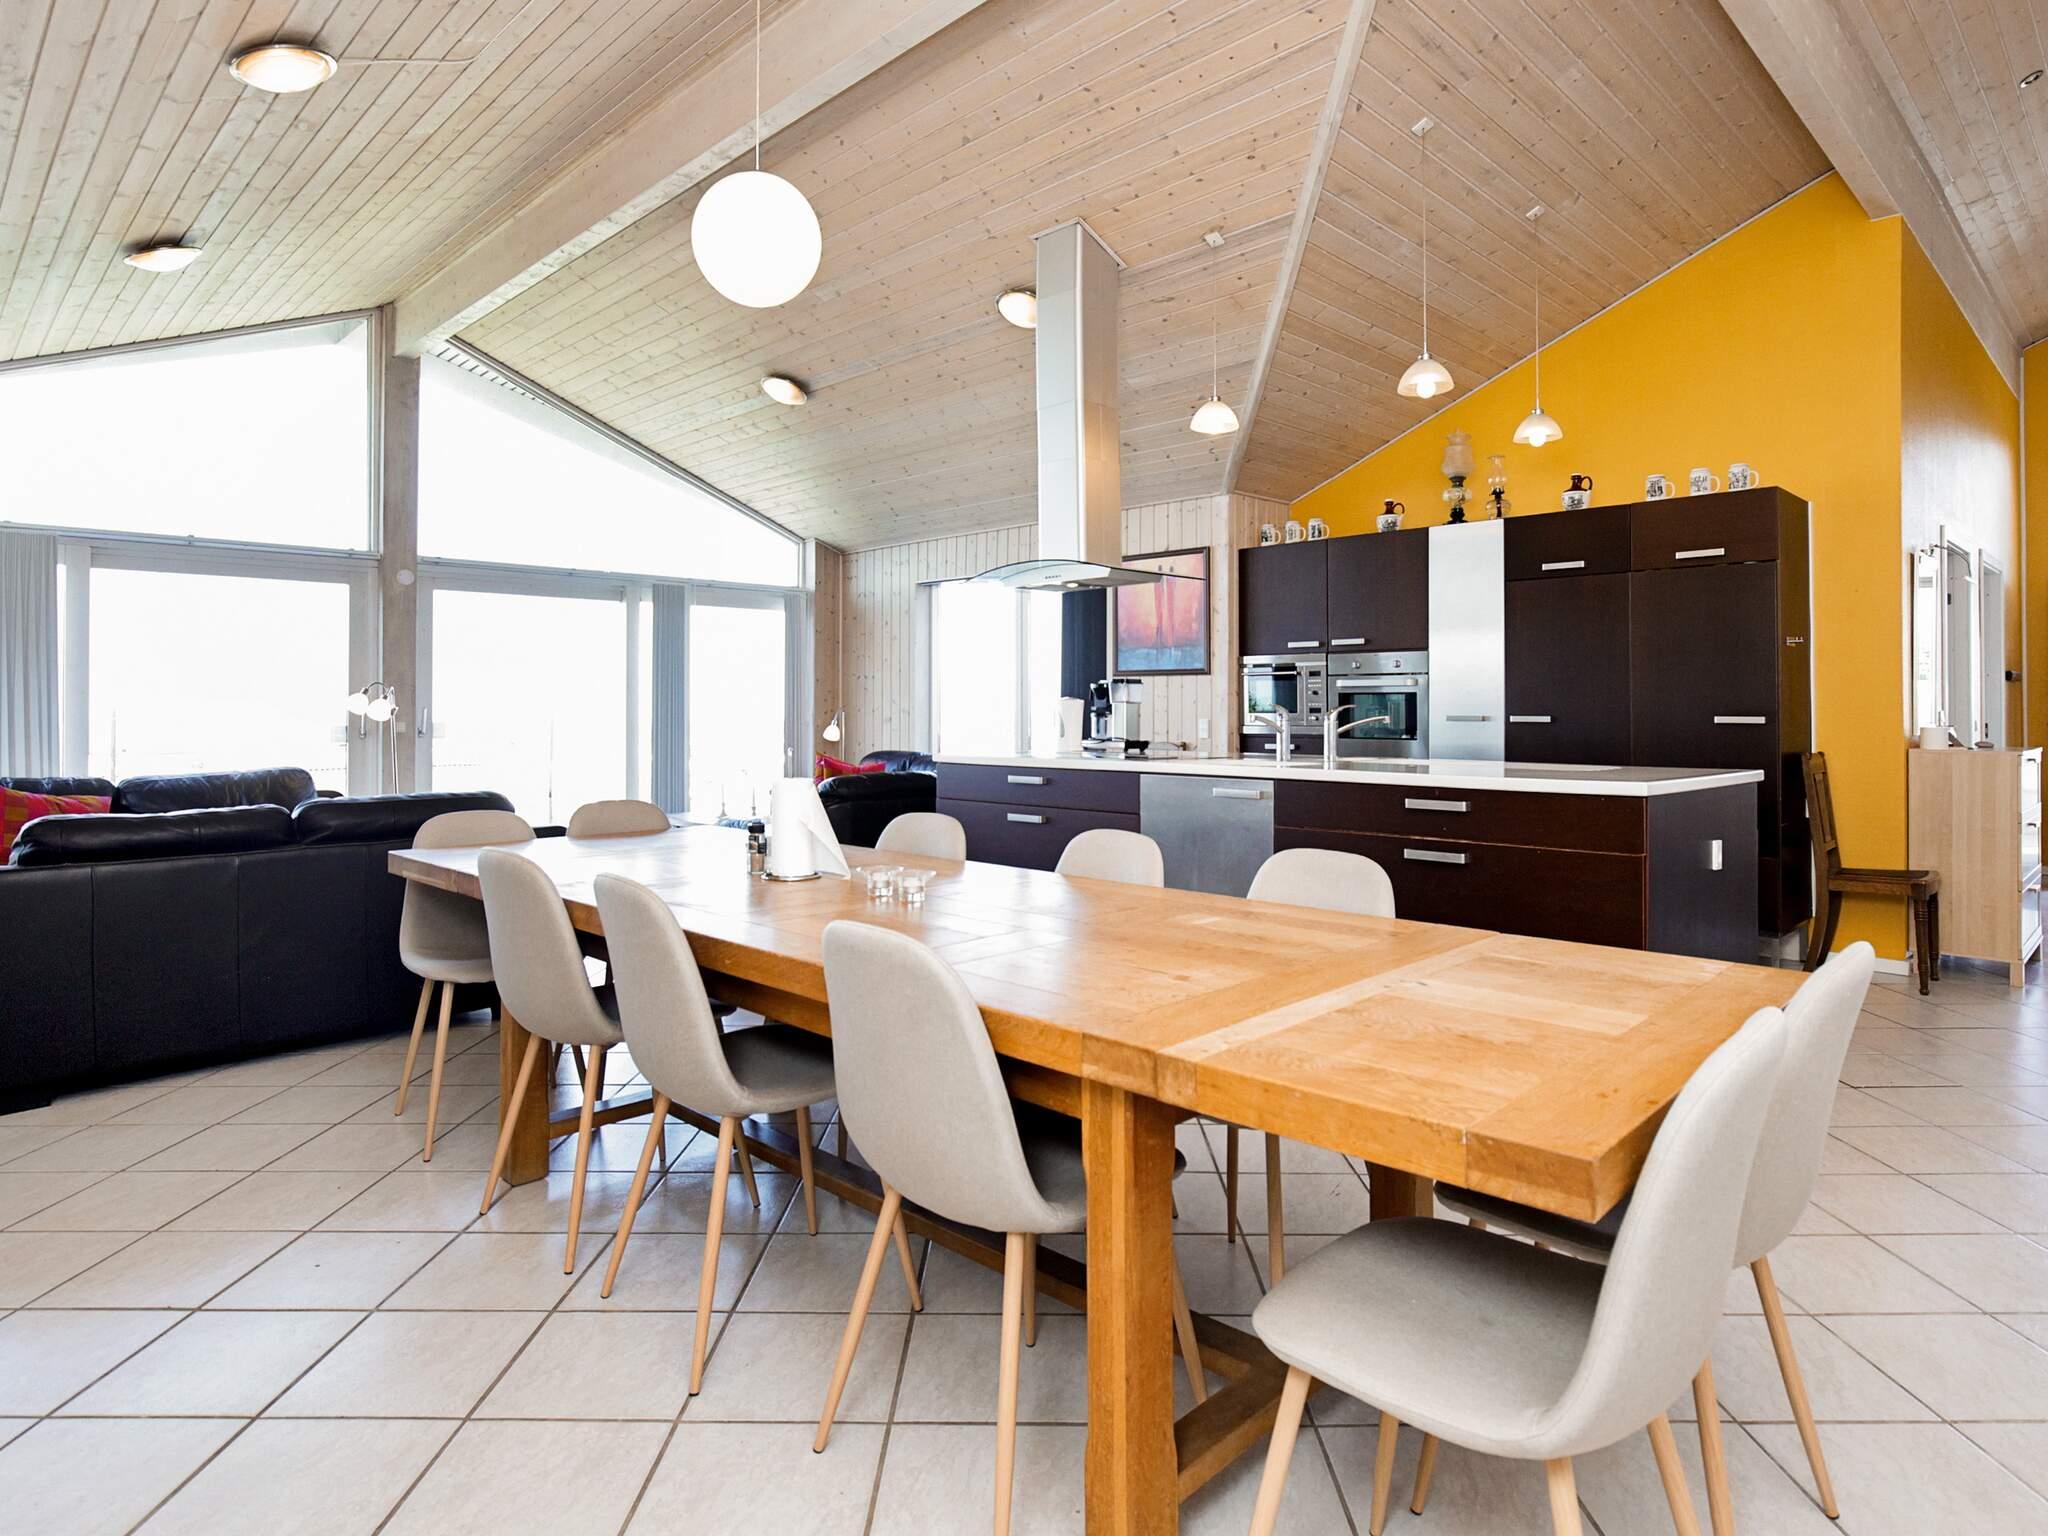 Ferienhaus Veddinge Bakker (2355598), Veddinge, , Westseeland, Dänemark, Bild 16